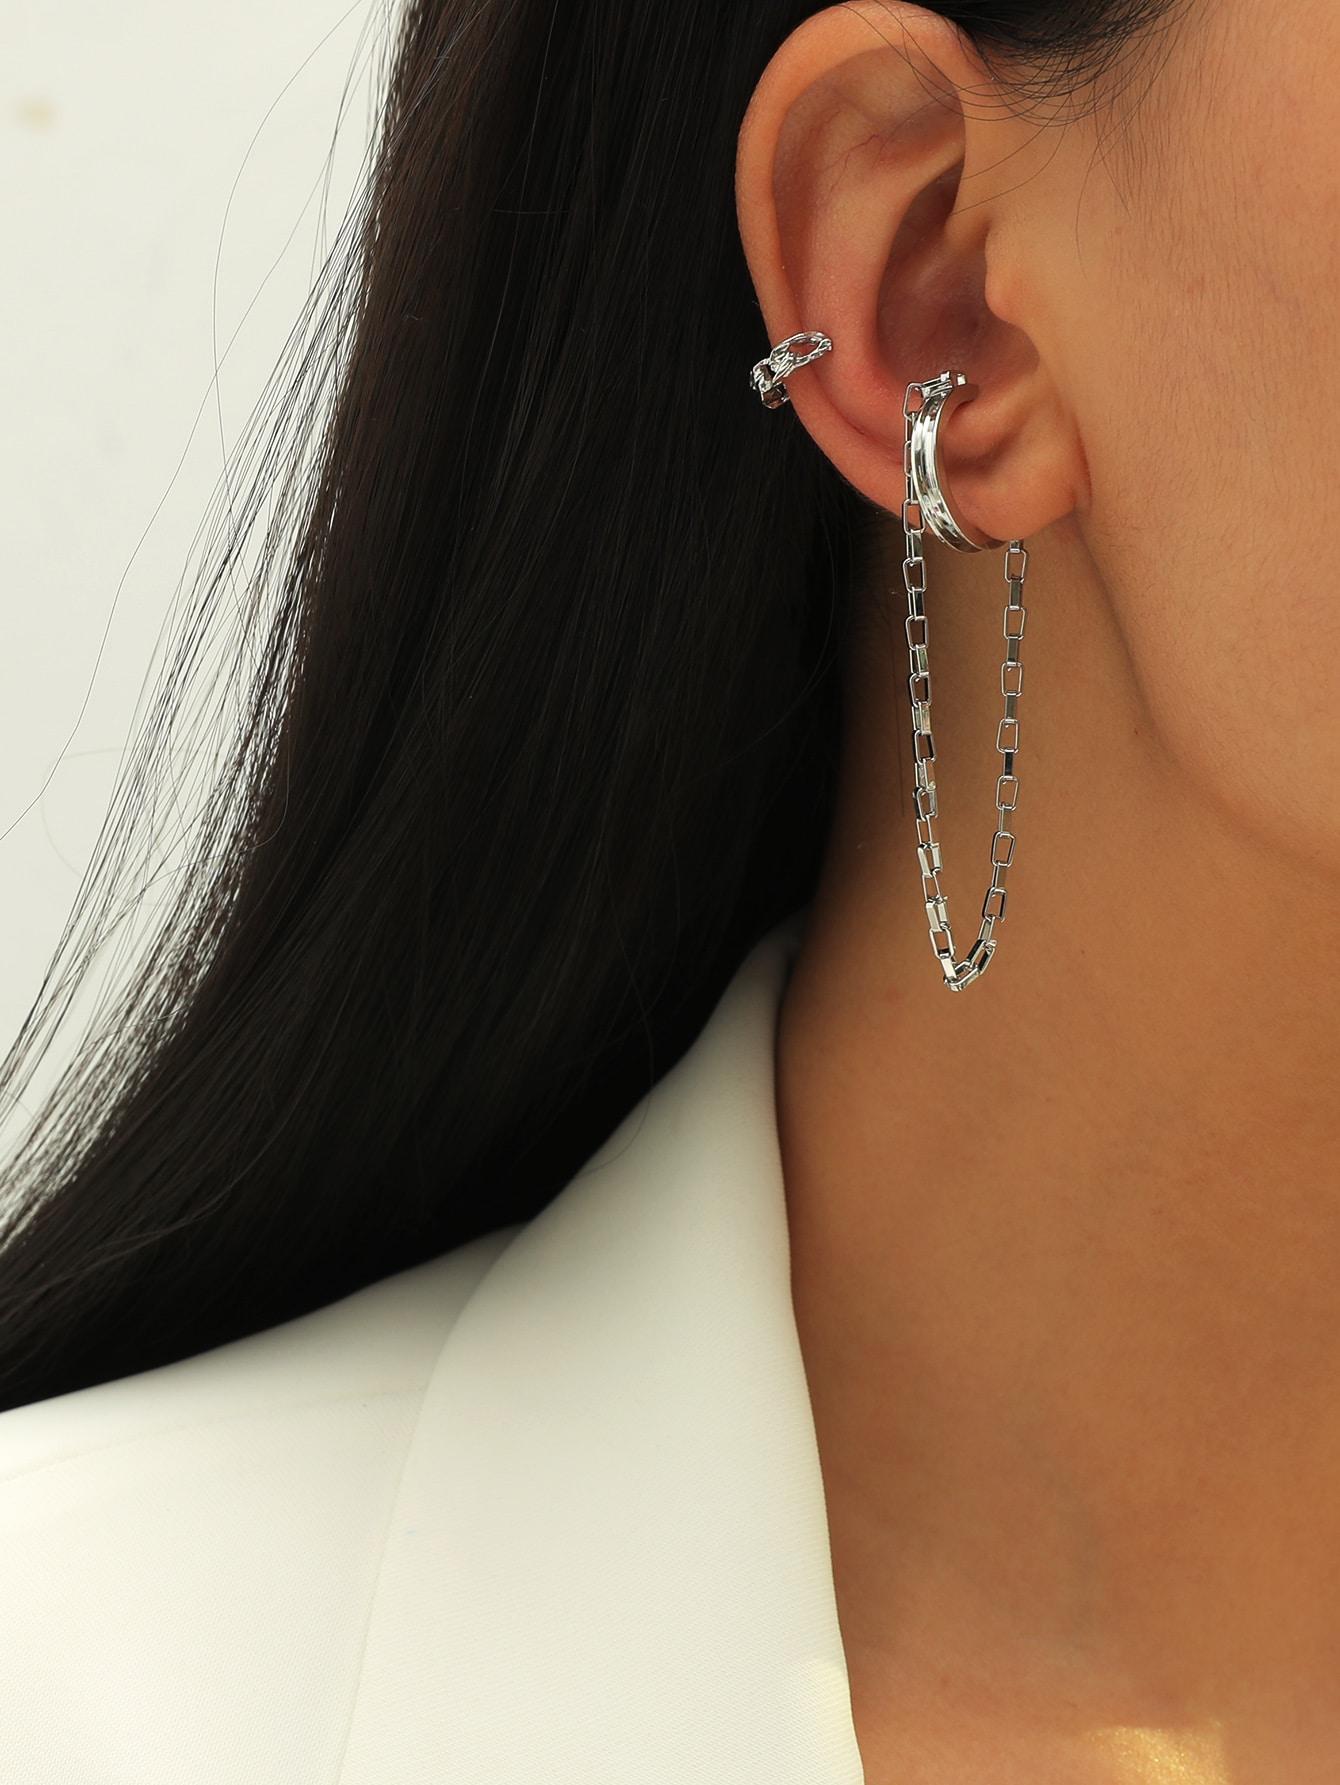 2pcs Chain Decor Ear Cuff thumbnail